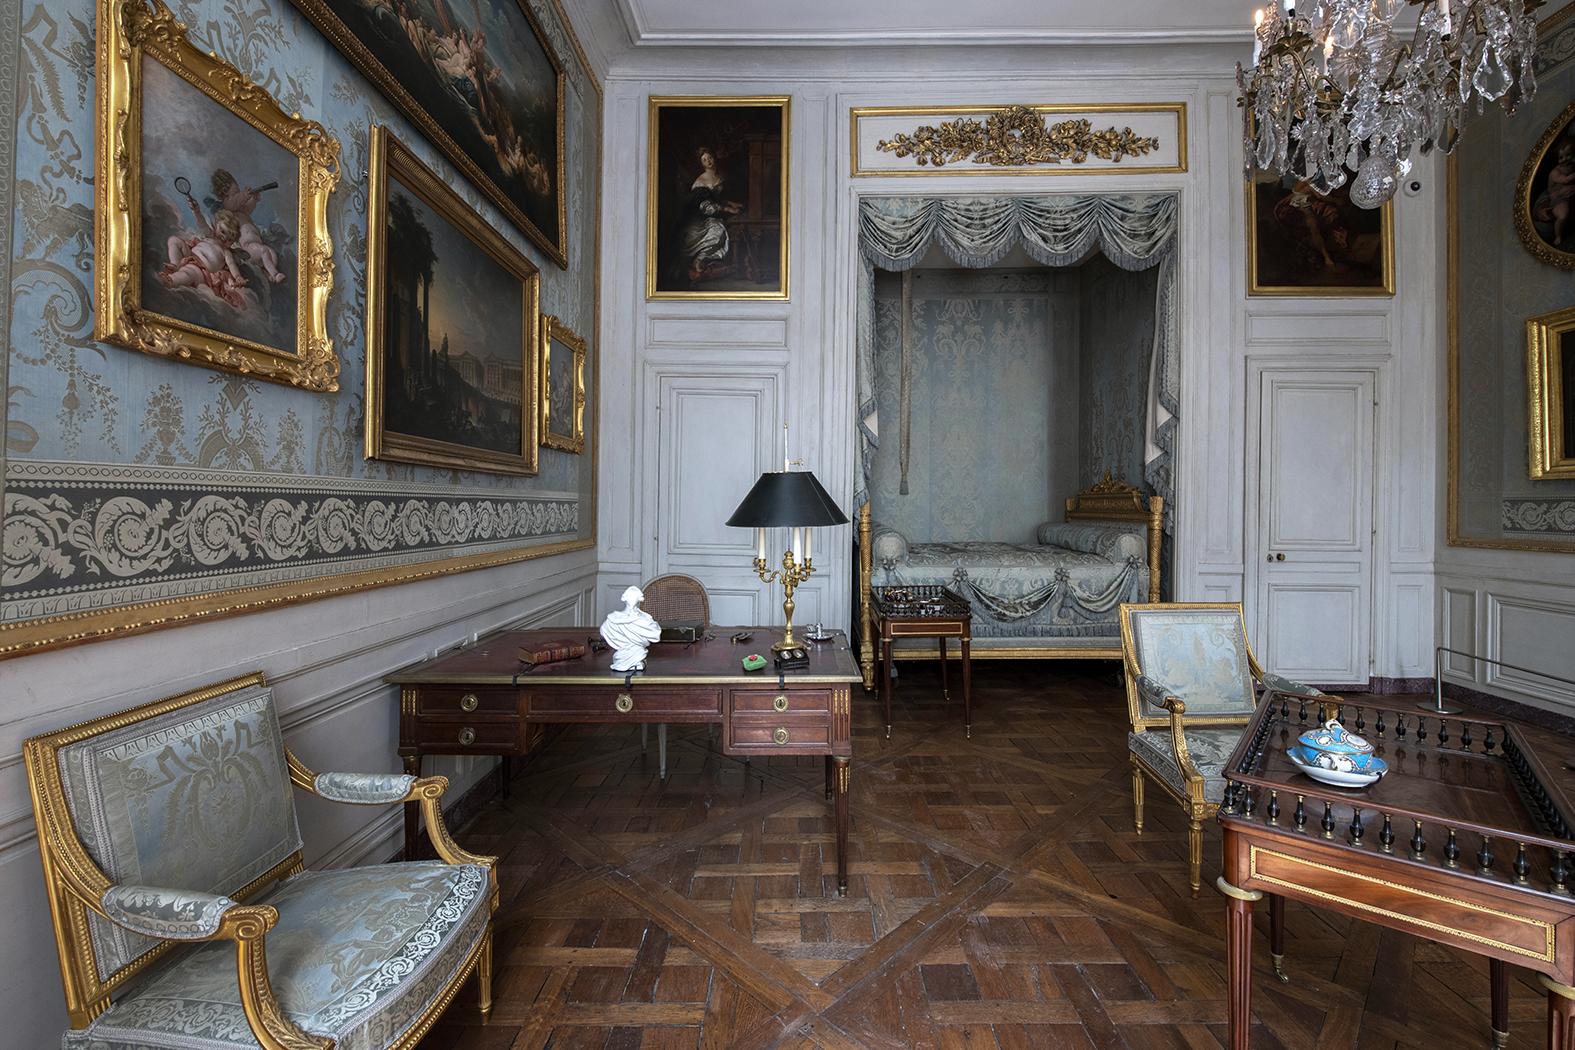 À l'hôtel de la Marine, l'art de vivre au XVIIIe siècle - PAJ - Le magazine  digital du patrimoine